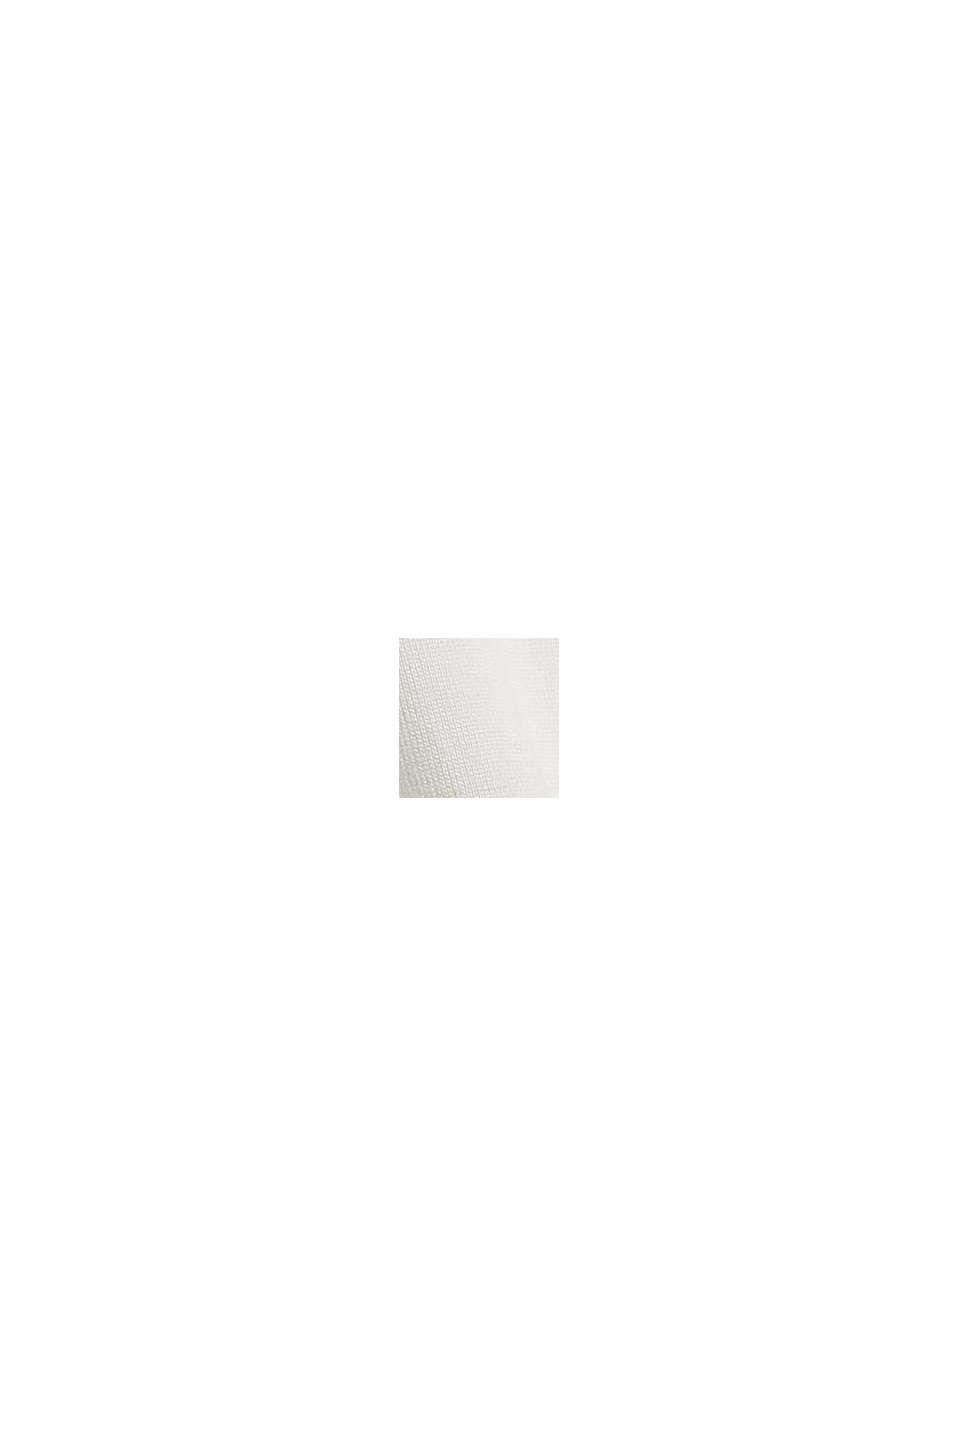 T-Shirt mit Schriftzug, LENZING™ ECOVERO™, OFF WHITE, swatch